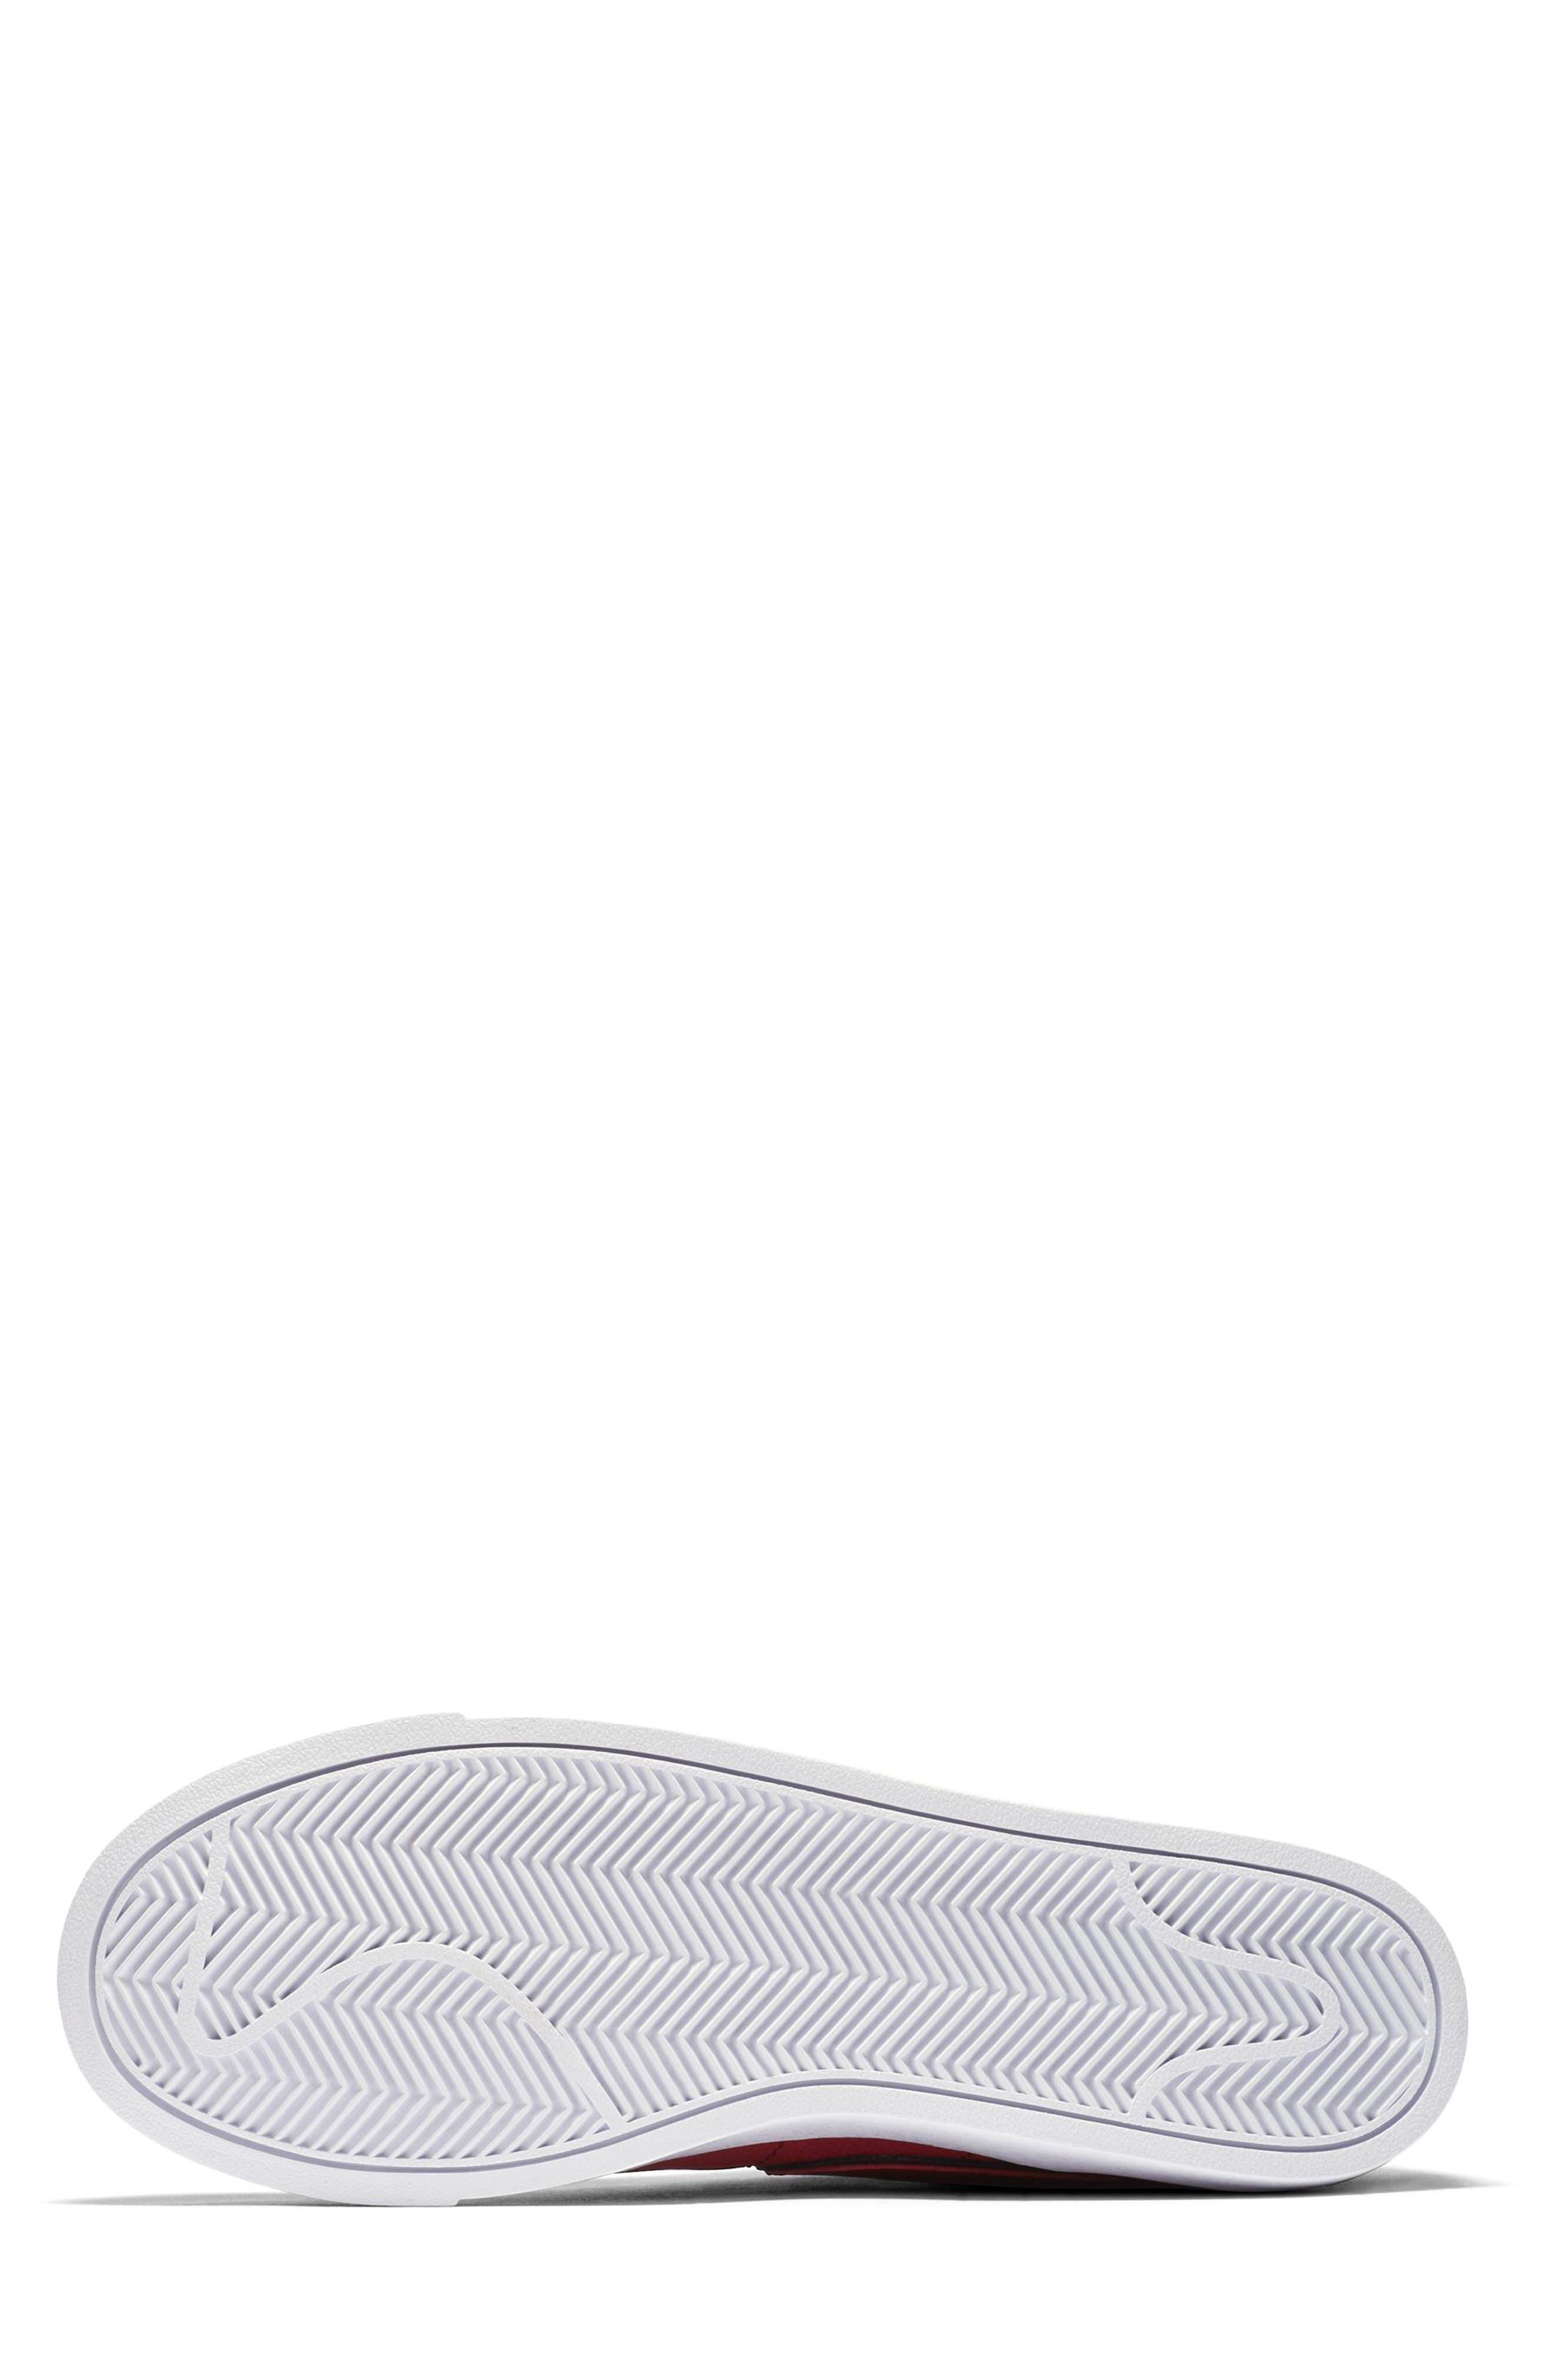 Blazer Mid Top Sneaker,                             Alternate thumbnail 5, color,                             RED CRUSH/ WHITE/ BLACK